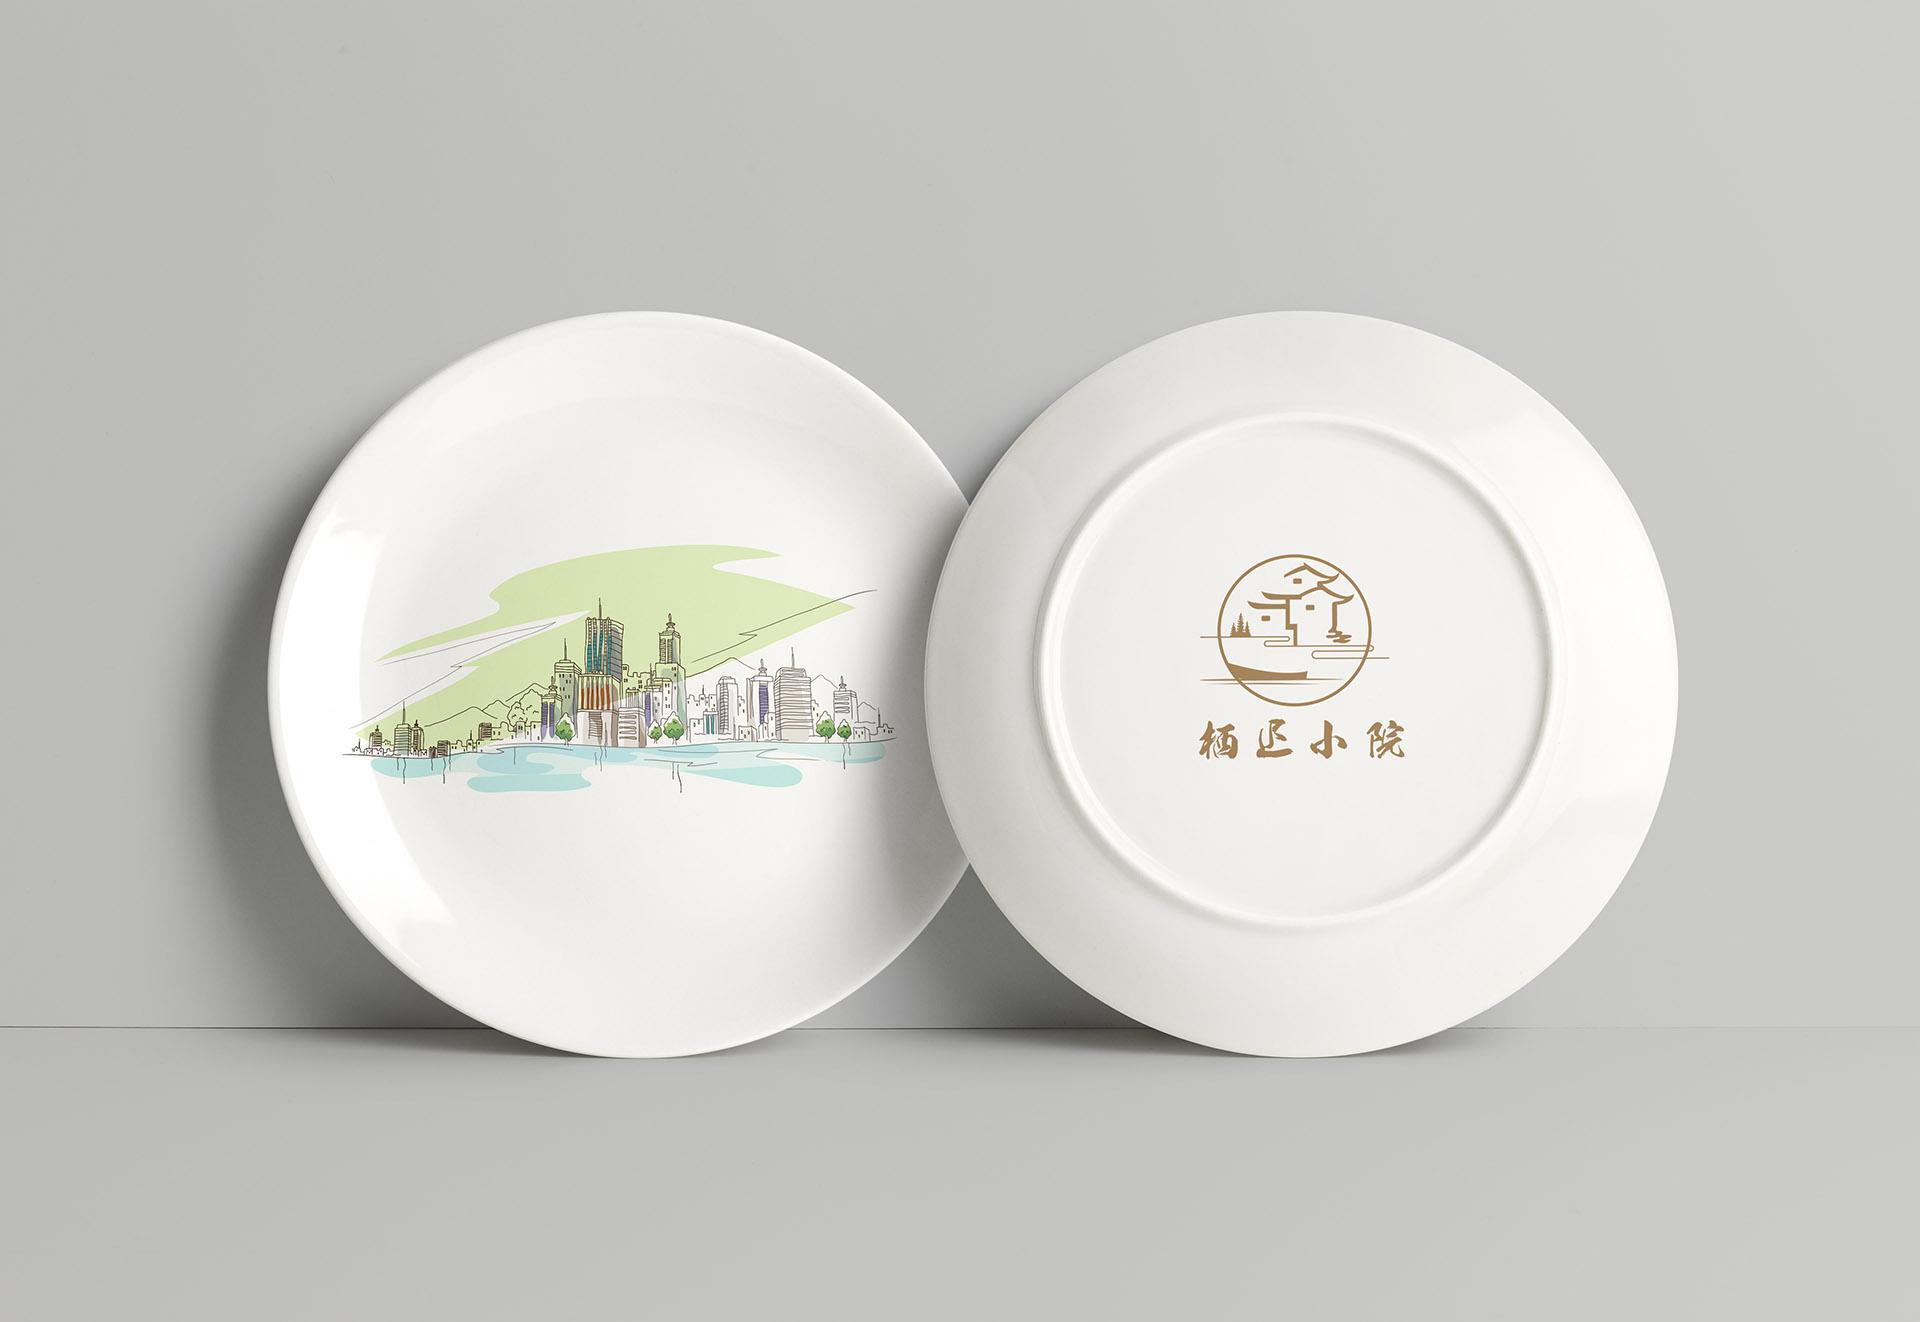 中式餐馆VI设计